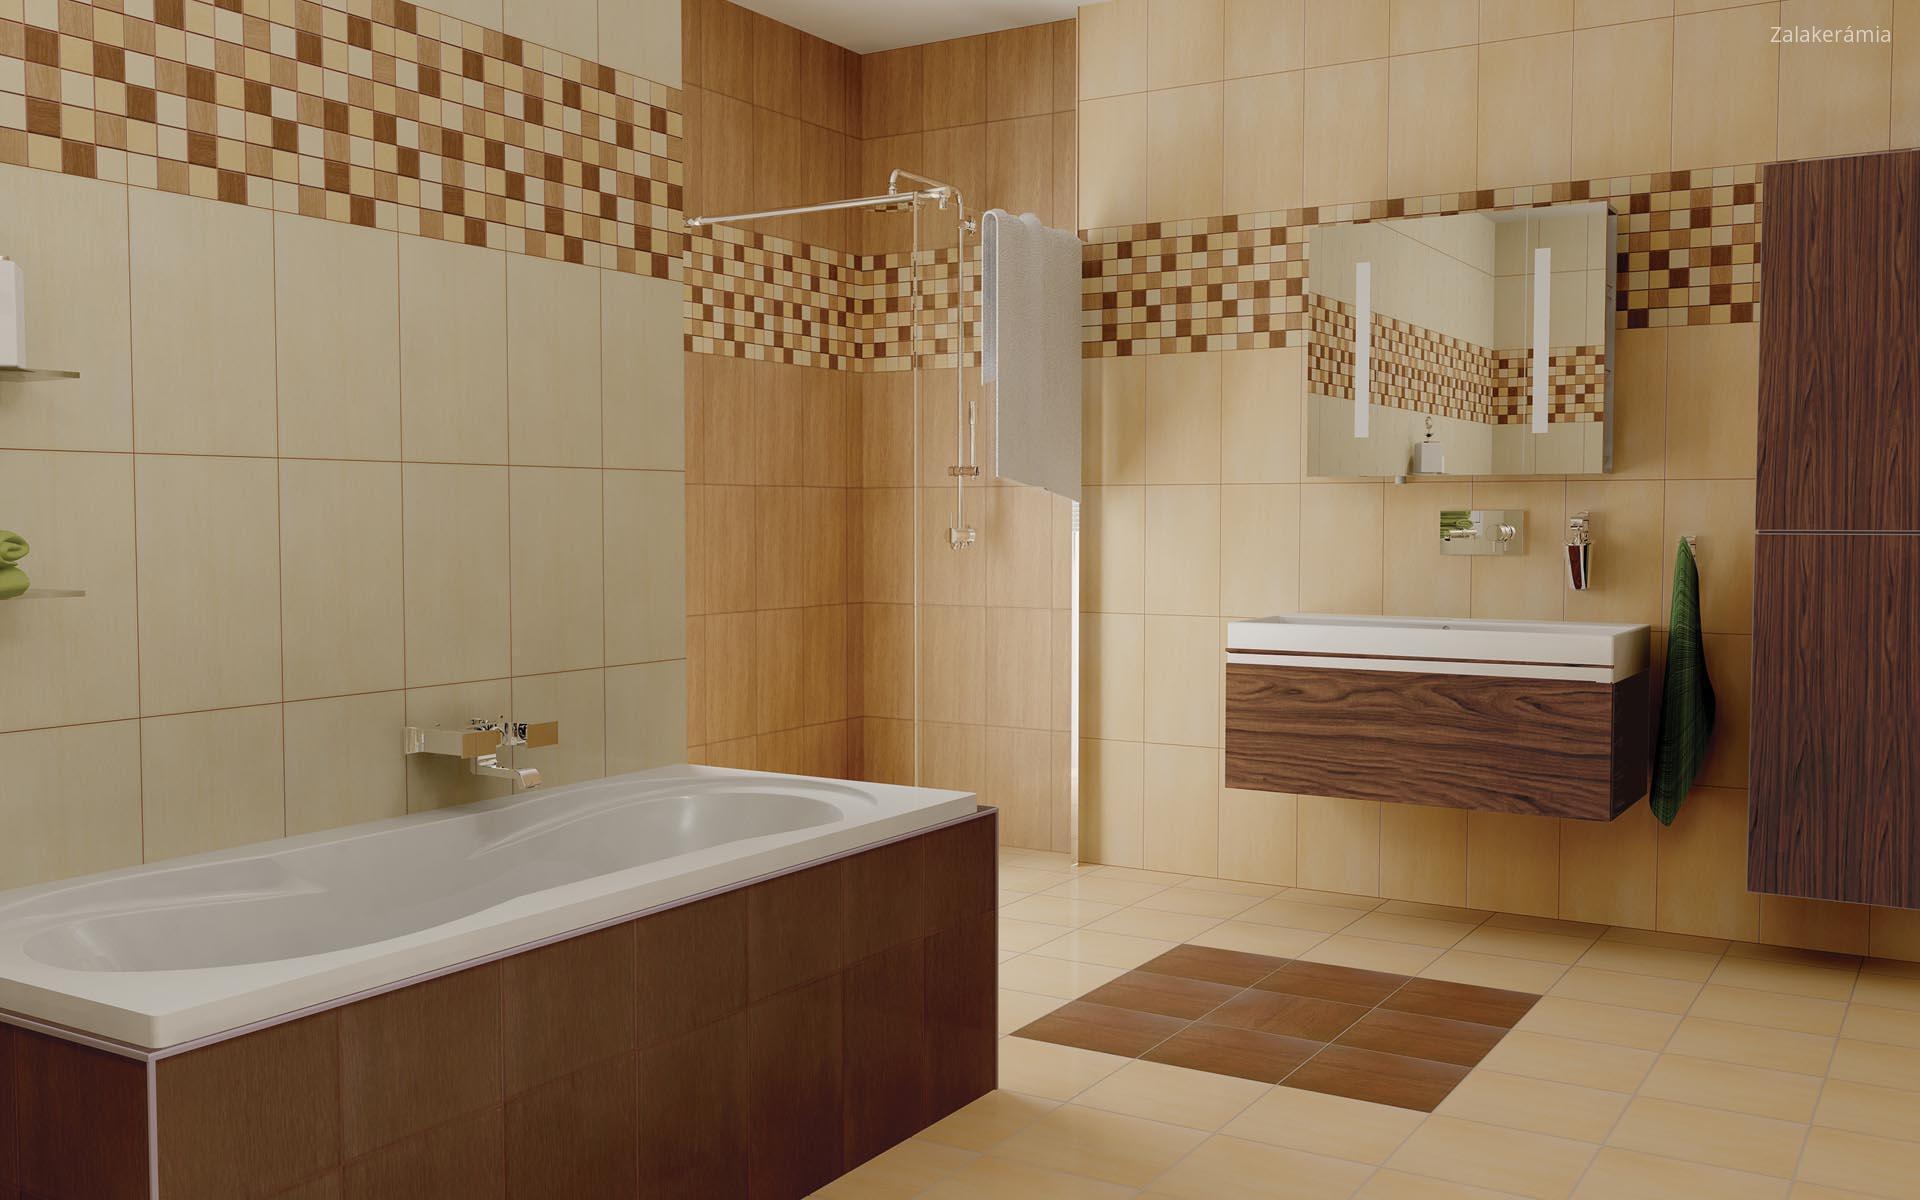 LEGNO fürdőszoba burkolat // HOMEINFO.hu - Inspirációtár